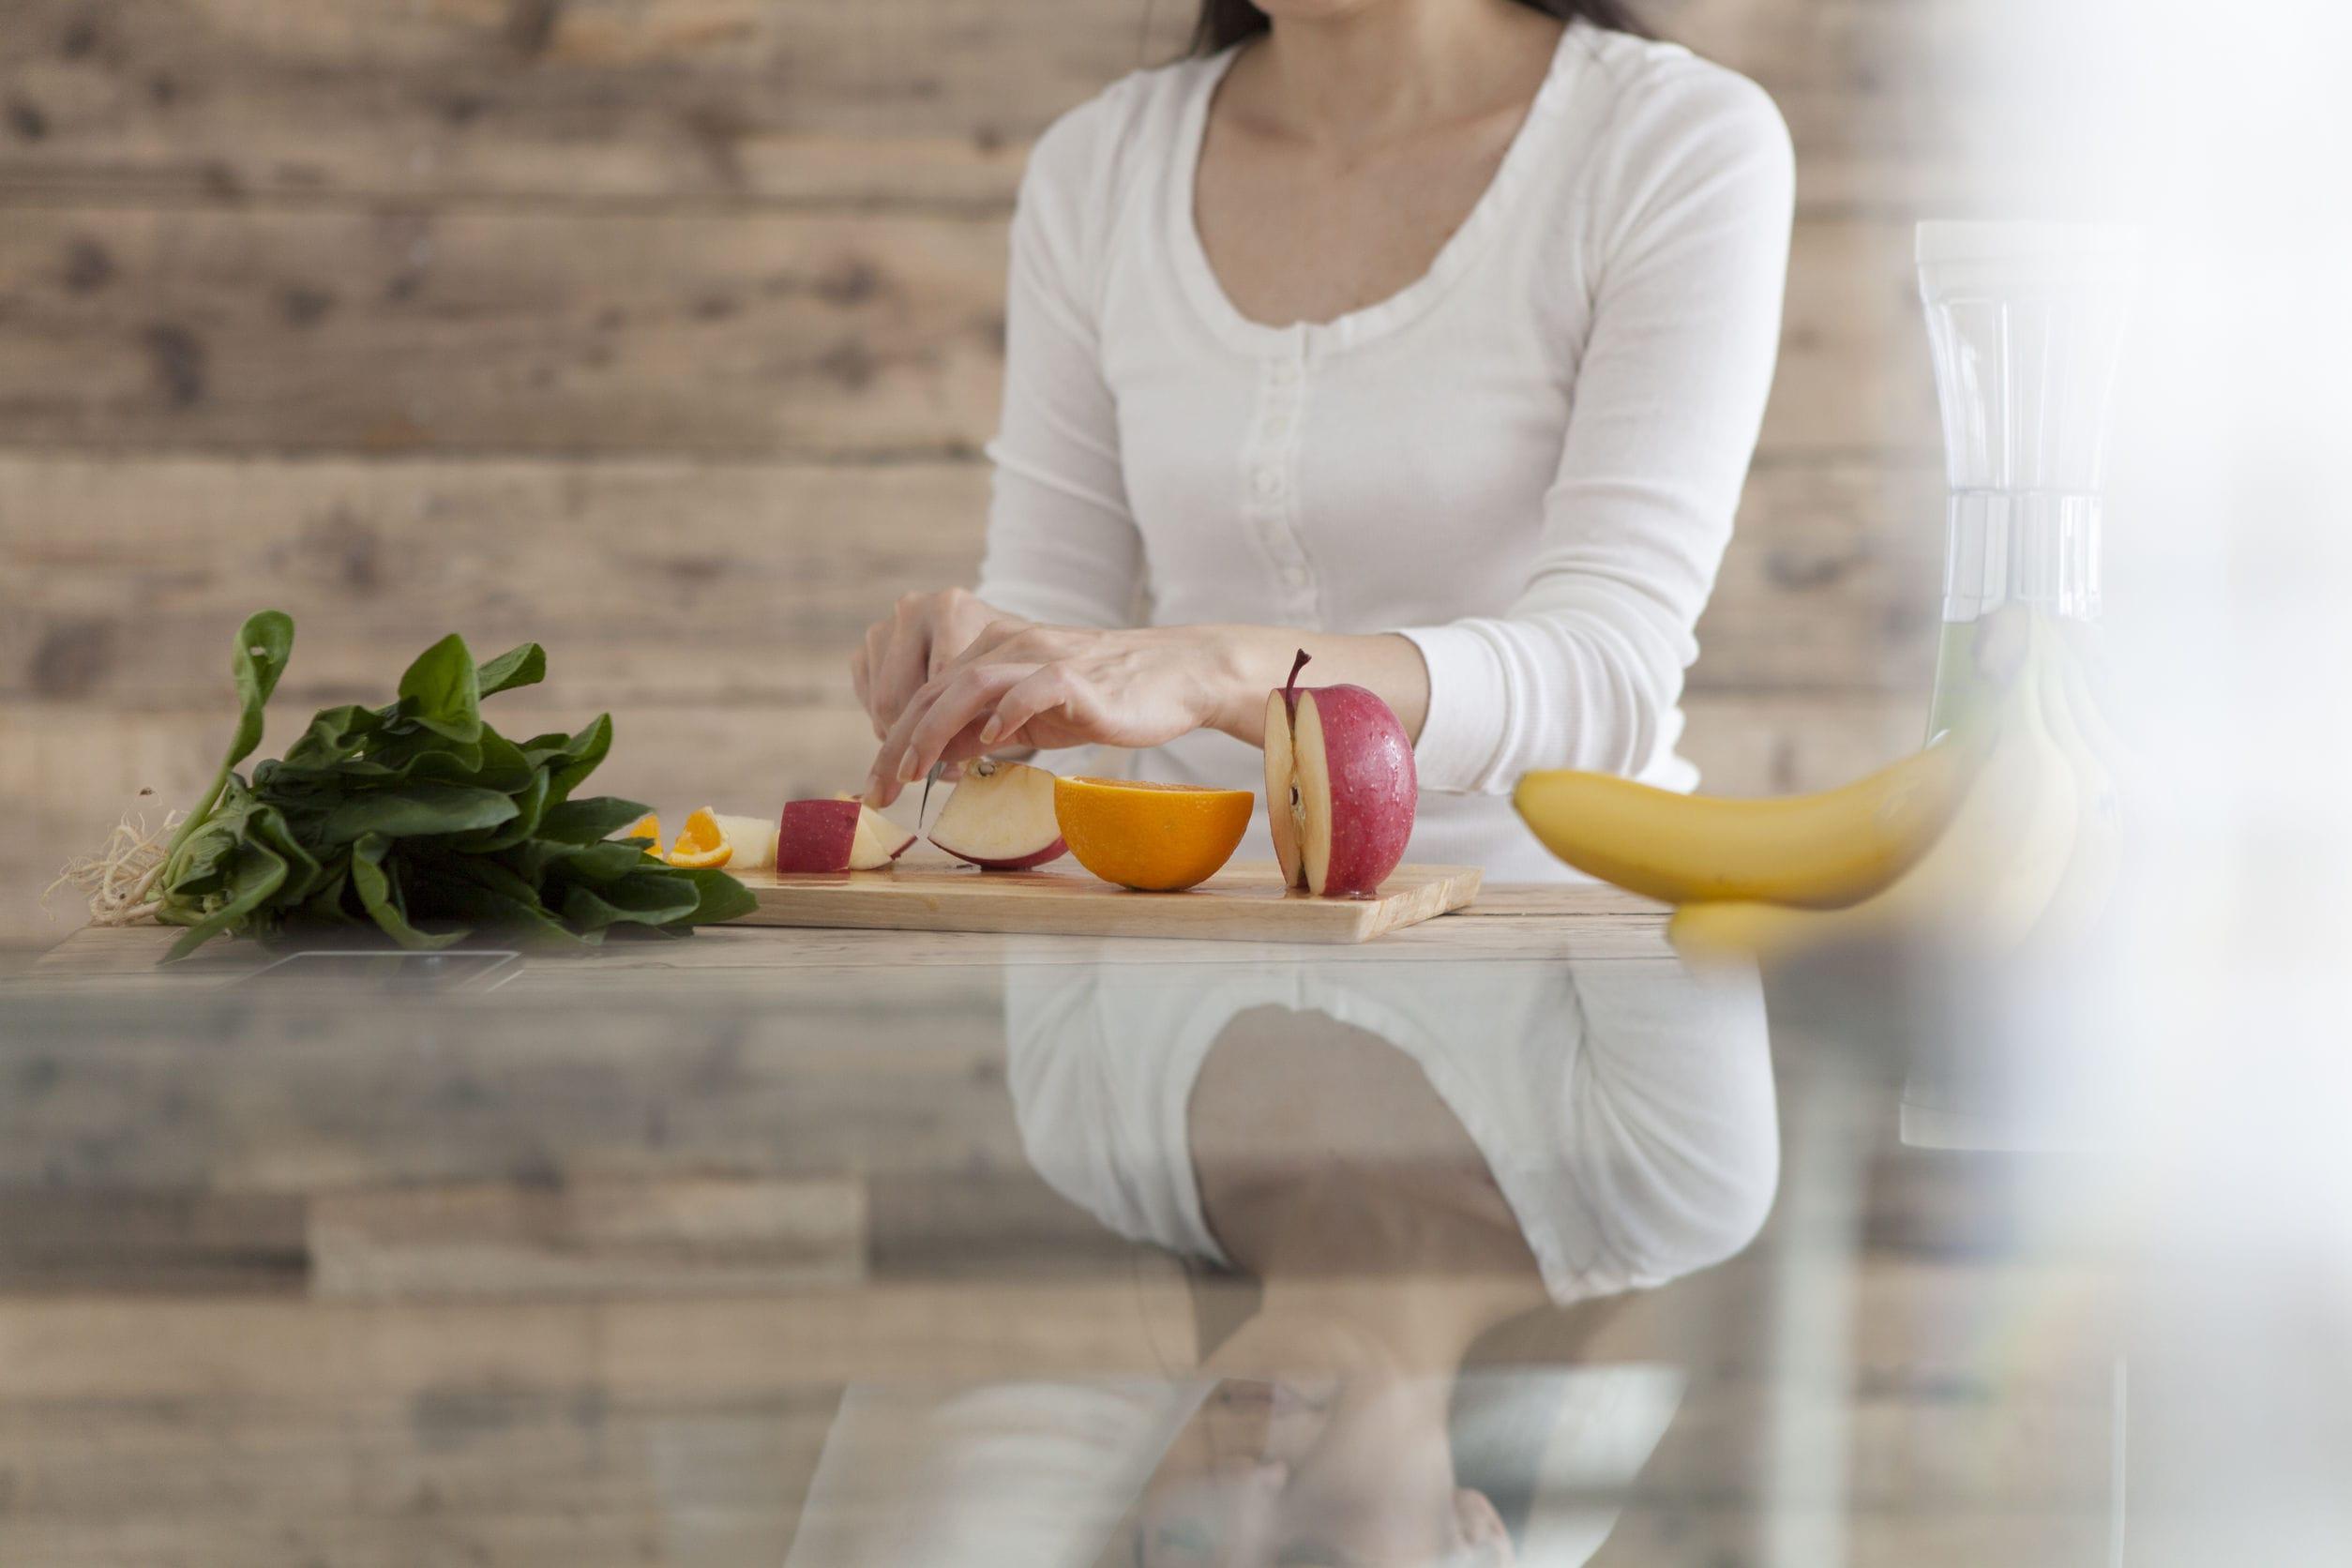 果物ダイエット食べるタイミング食前